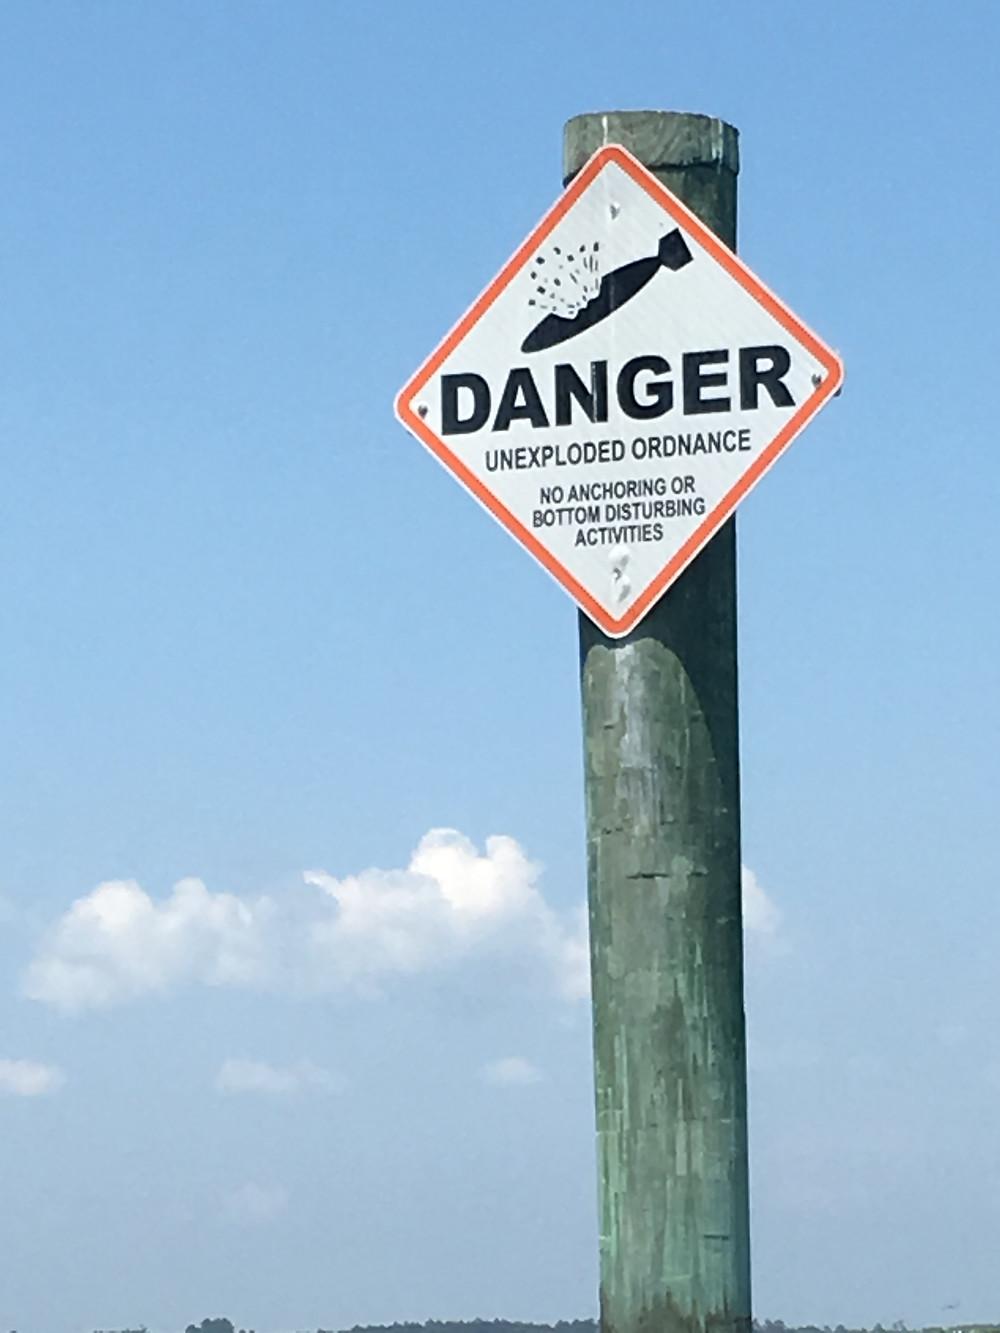 Danger sign in Bogue Sound